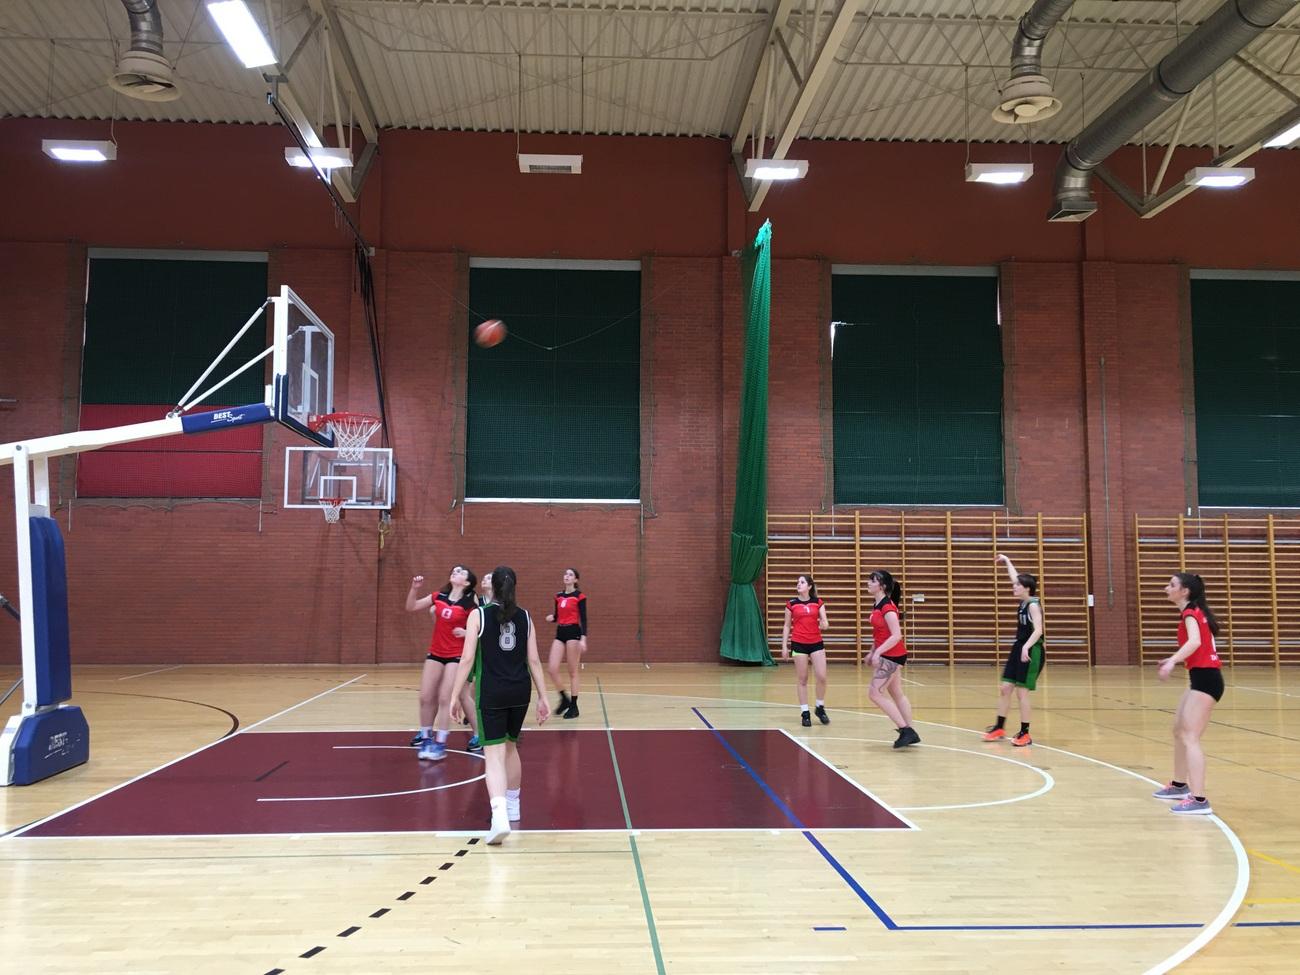 Mistrzostwa w koszykówce dziewcząt - Podstrefa Legnicka luty 2020